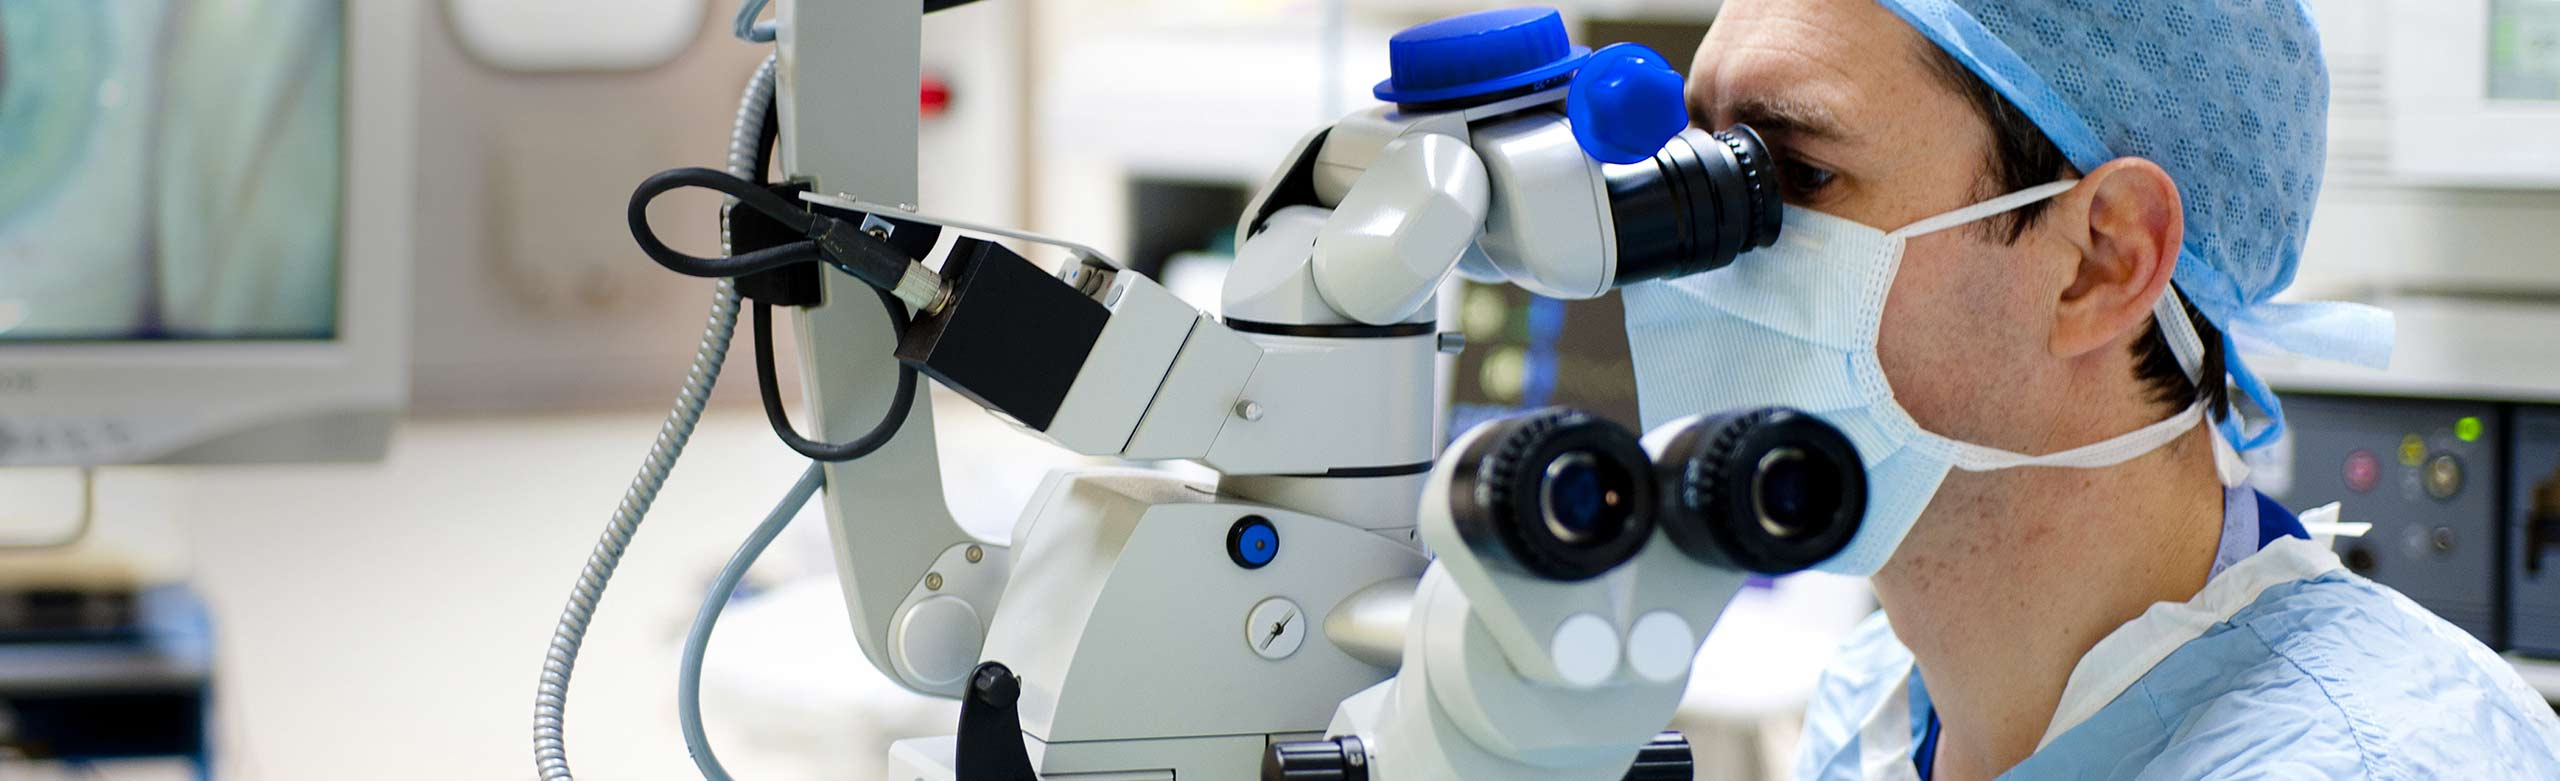 Imagen de un cirujano oftalmológico que está llevando a cabo una cirugía de cataratas.